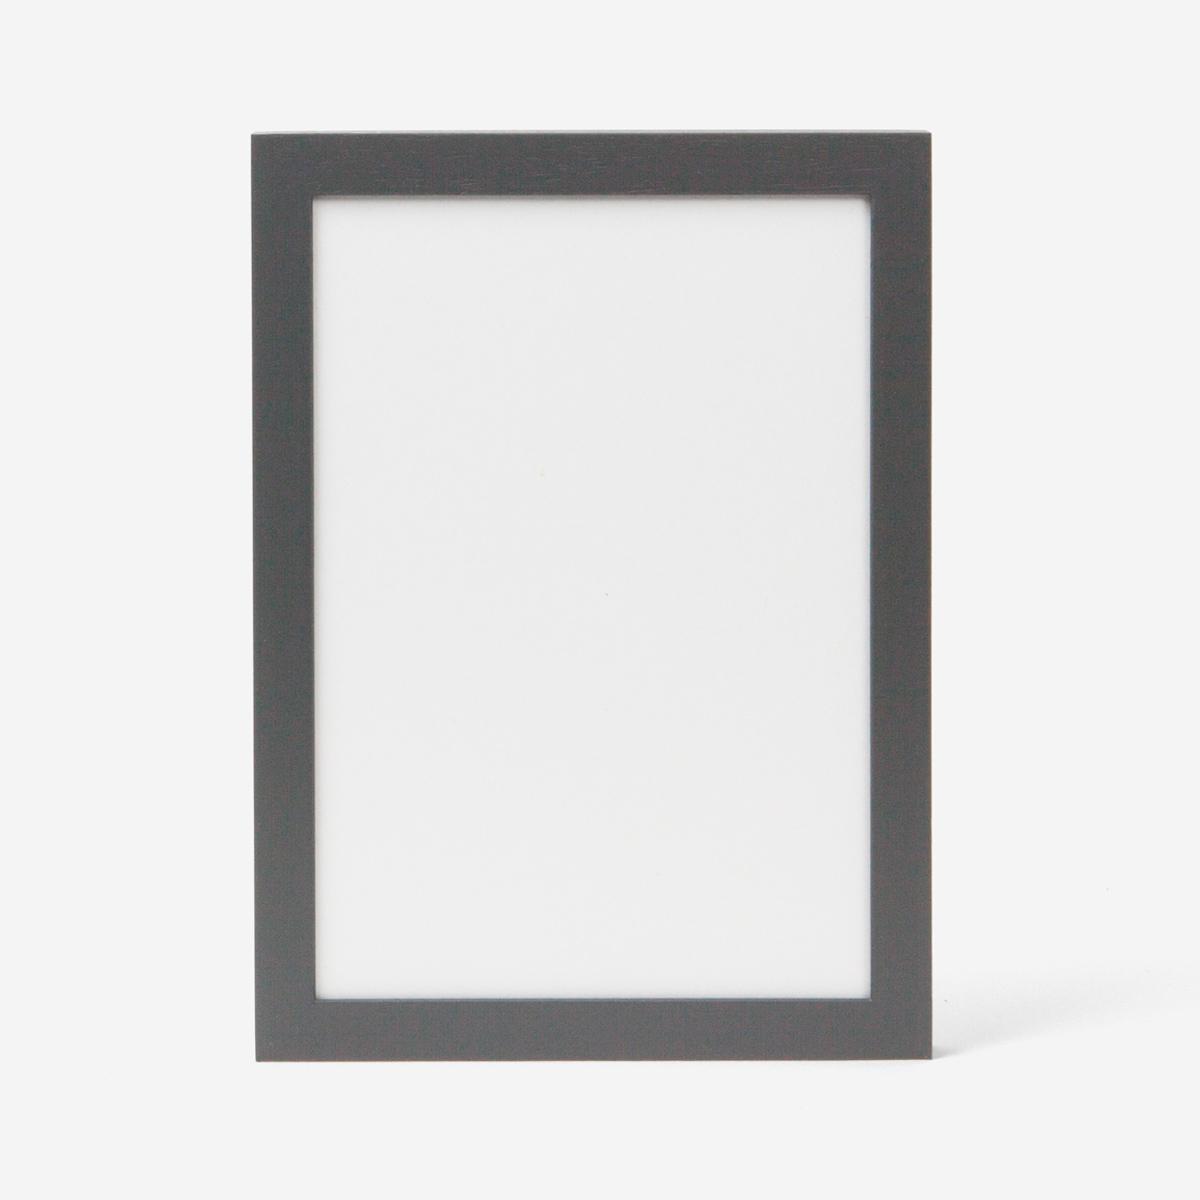 rikiki grafik produkt bilderrahmen anthrazit 15 21 cm. Black Bedroom Furniture Sets. Home Design Ideas